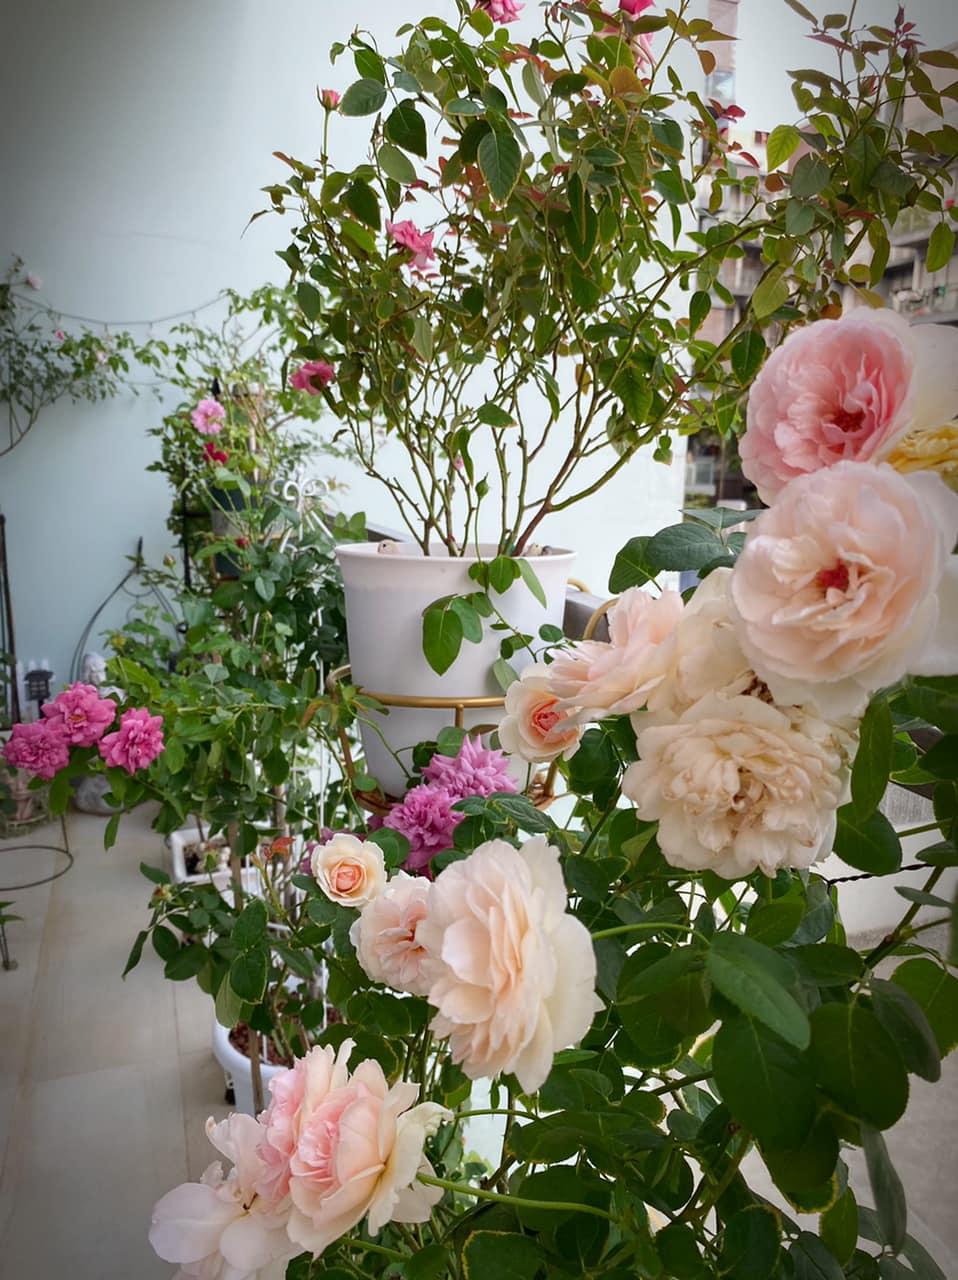 Hanh Nguyen's home garden